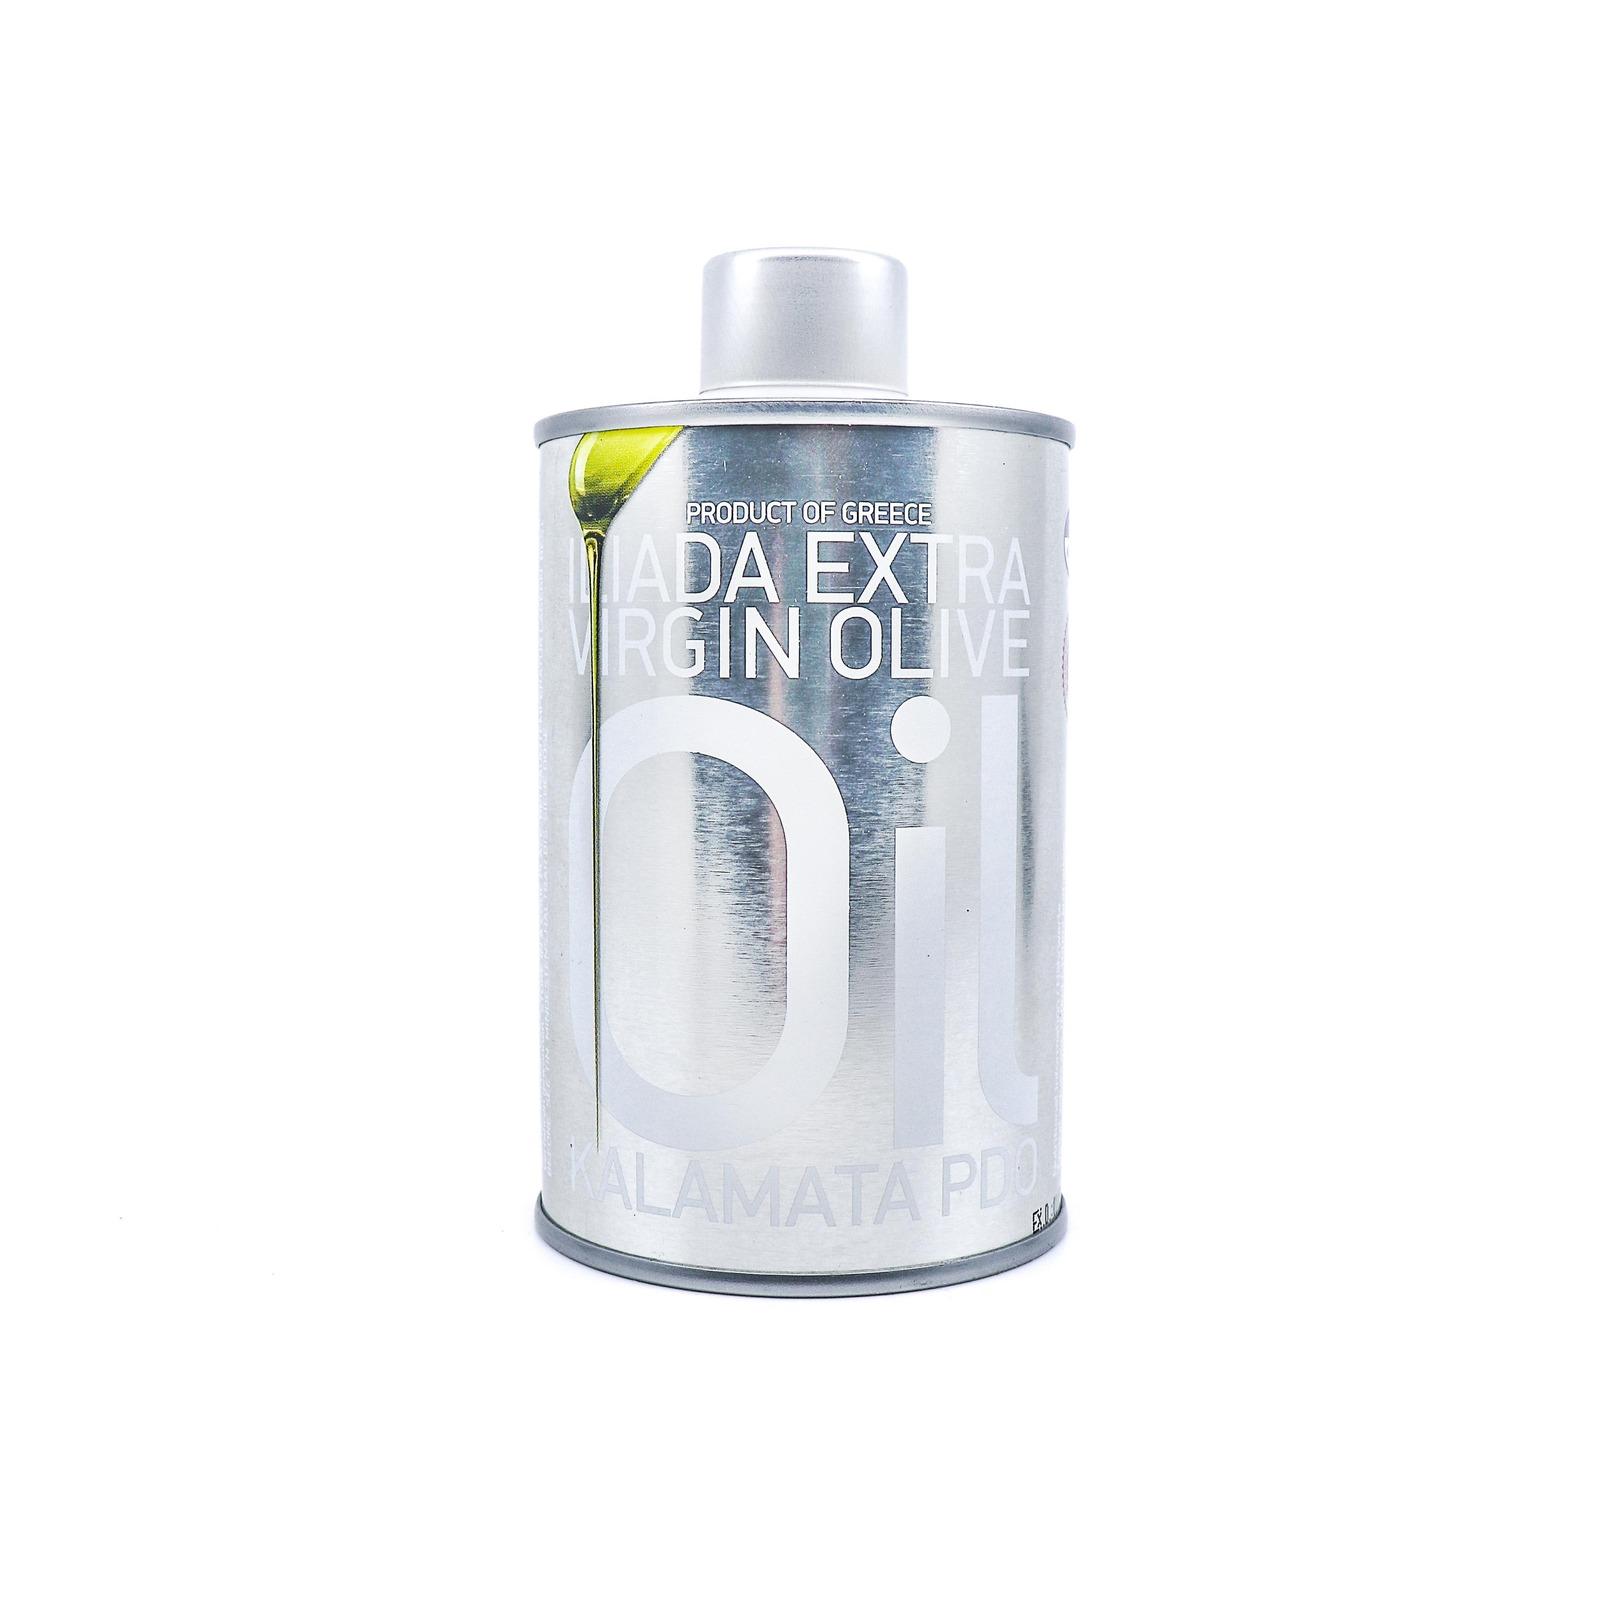 Iliada Extra Virgin Olive Oil Kalamata PDO